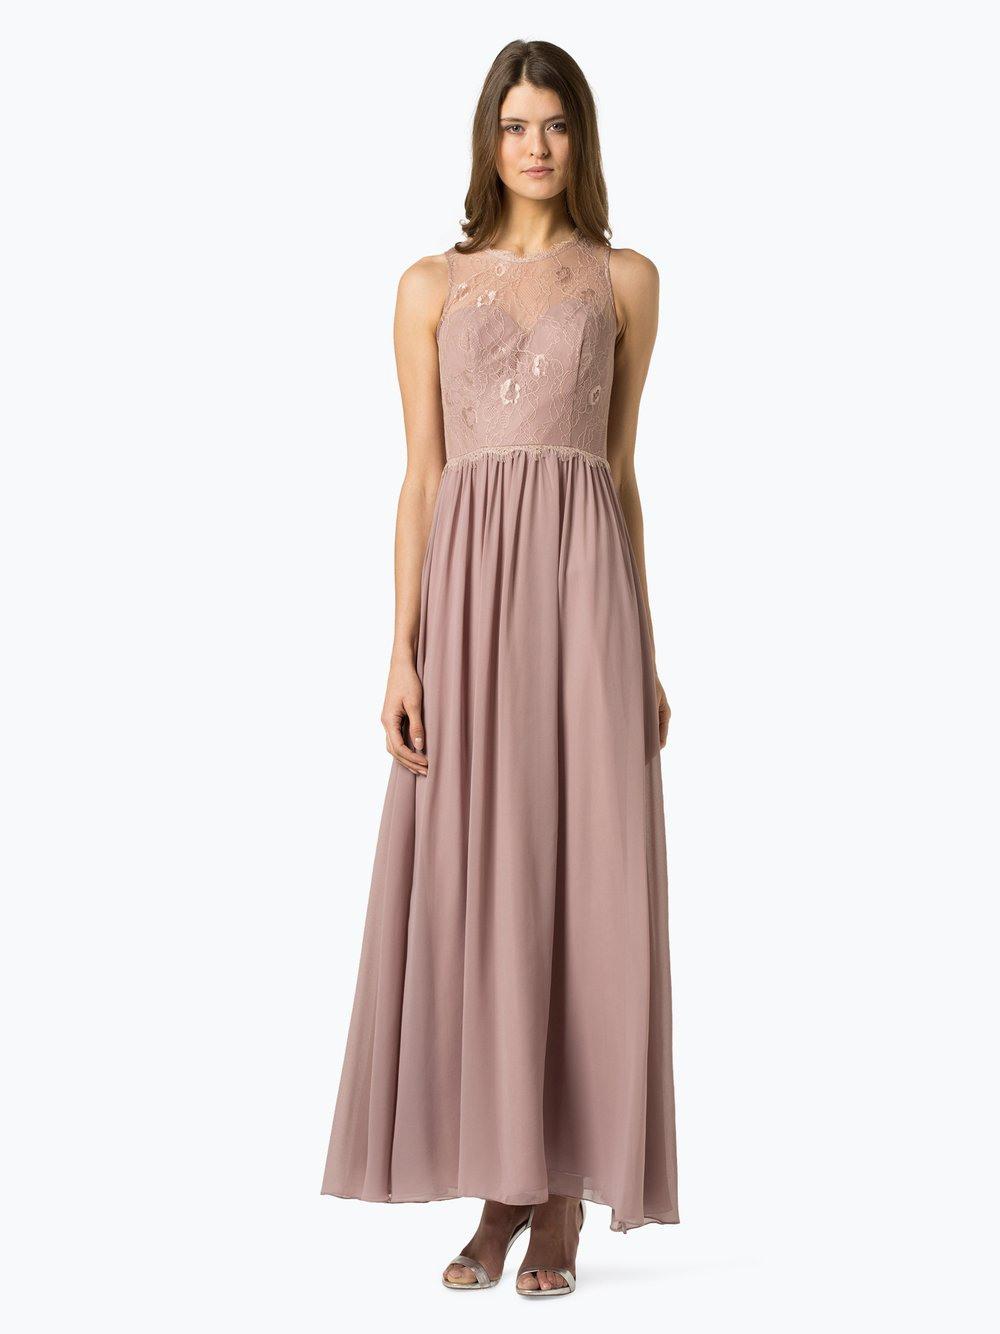 Abend Einfach Laona Abendkleid Stylish17 Elegant Laona Abendkleid Vertrieb